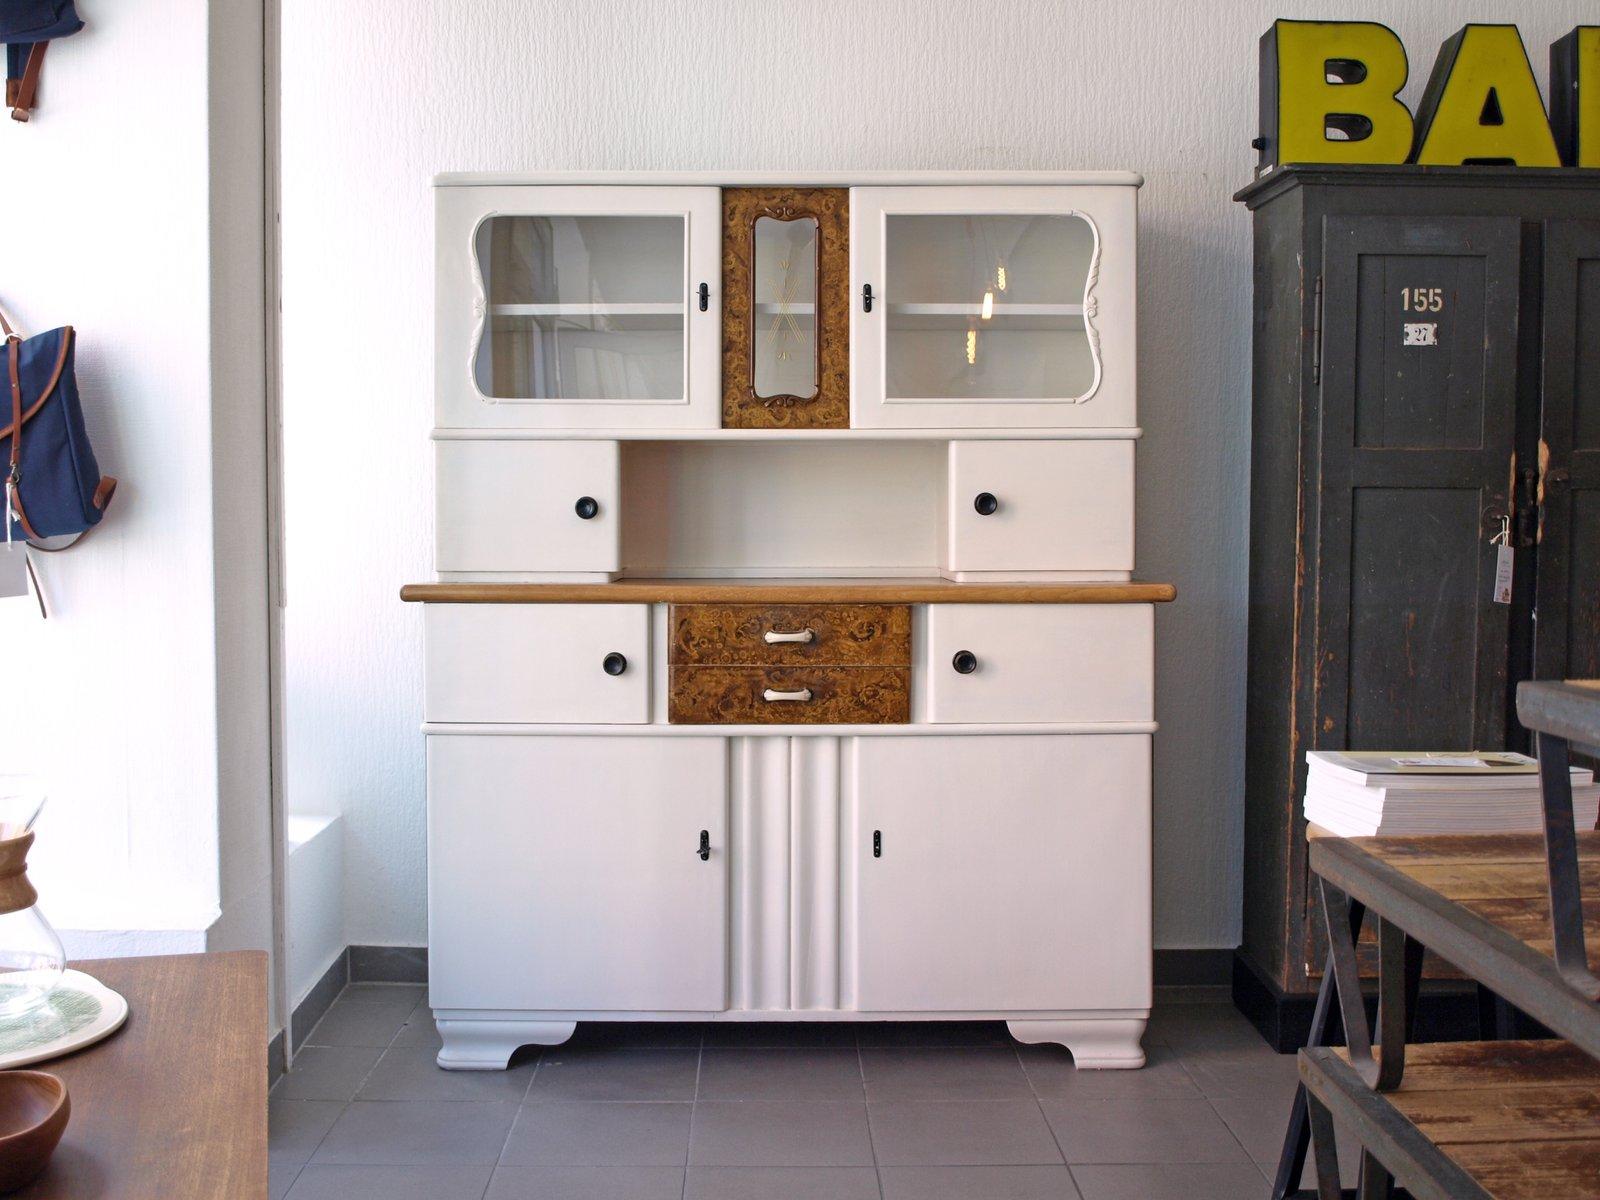 Kleiner Deutsche Vintage Küchenschrank aus Holz & Glas bei